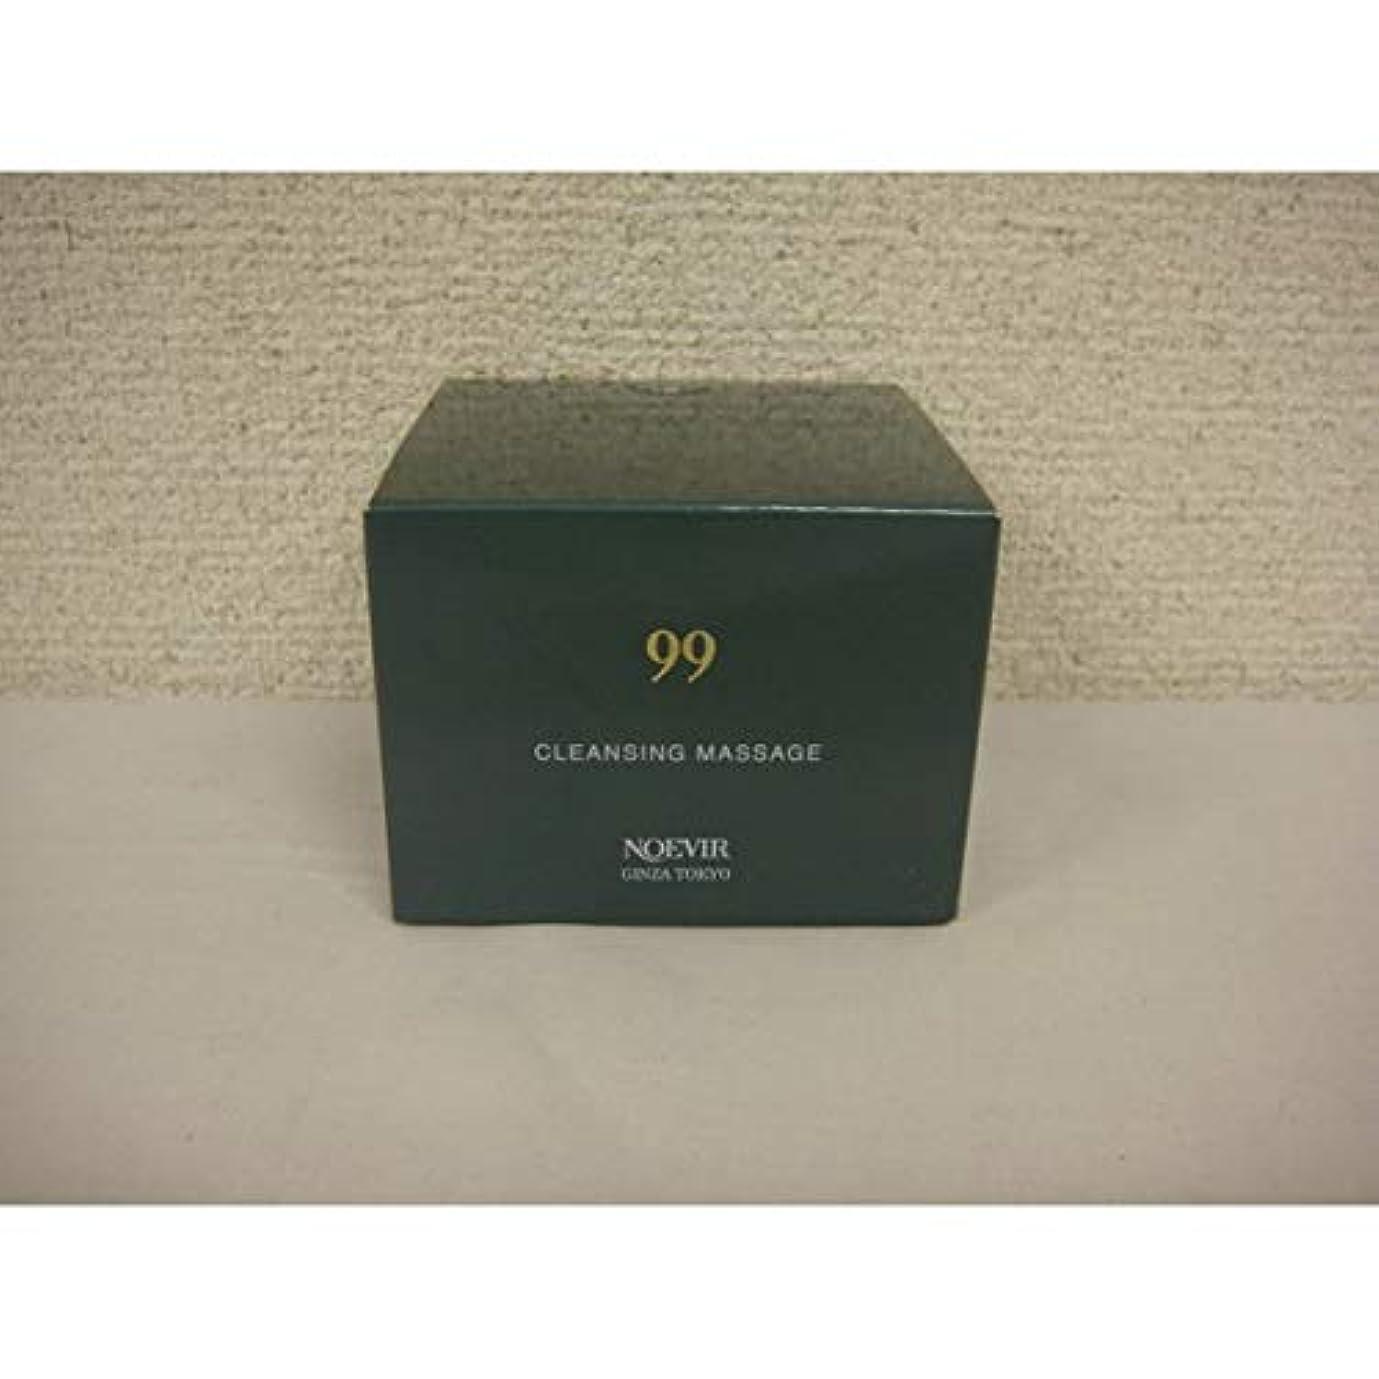 場所遺伝子兄【X2個セット】ノエビア 99 クレンジングマッサージクリーム 100g